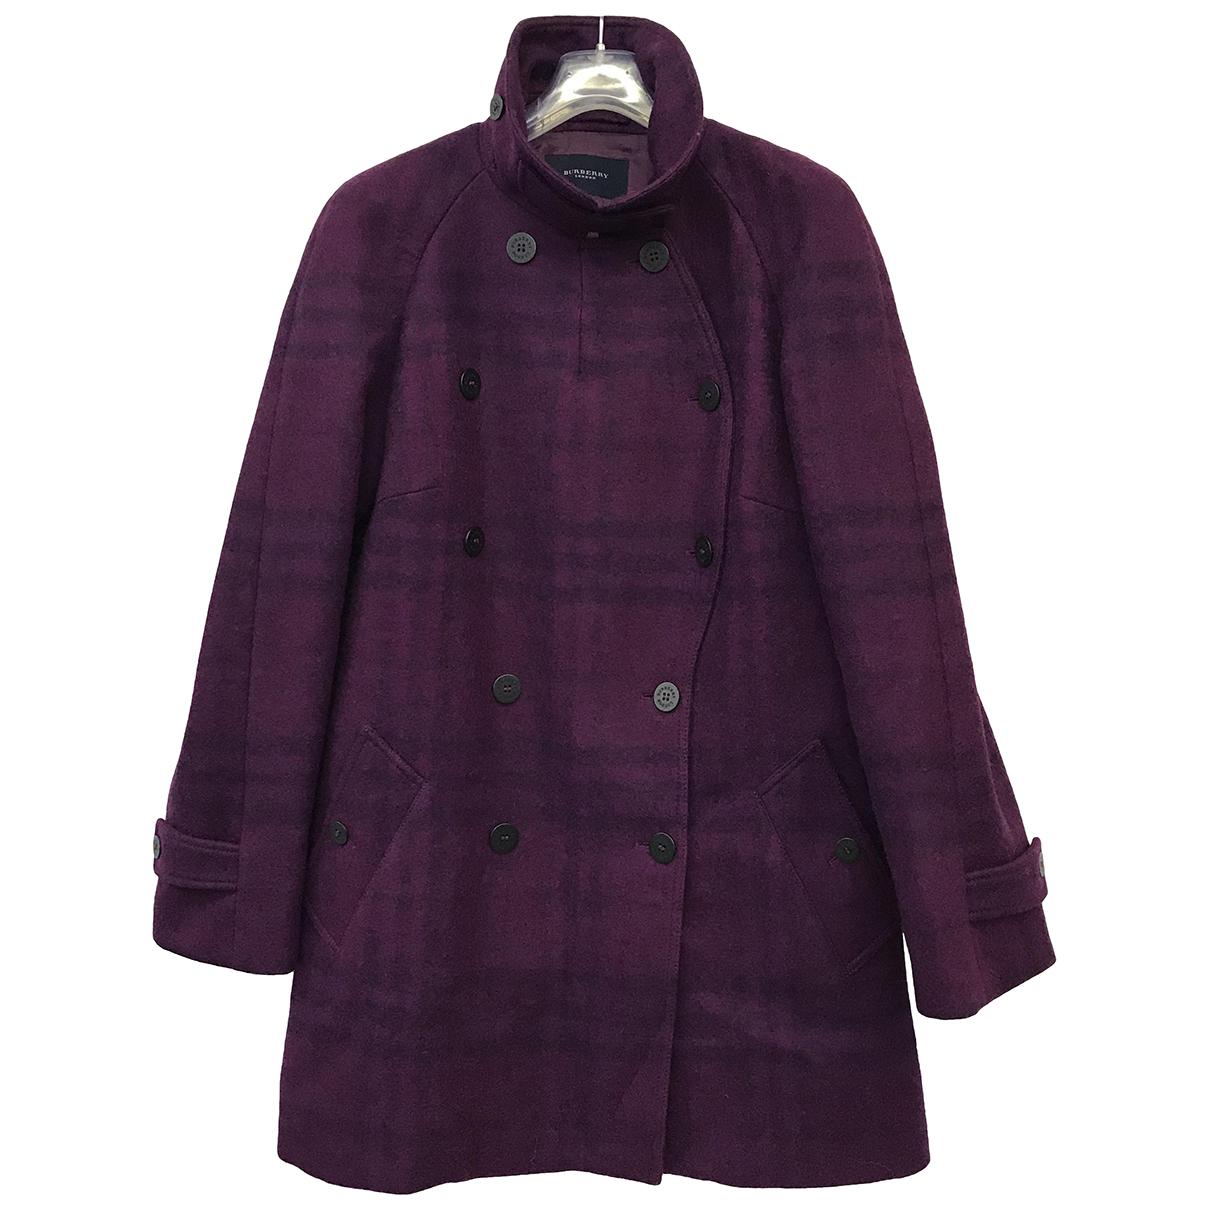 Burberry - Manteau   pour femme en laine - violet